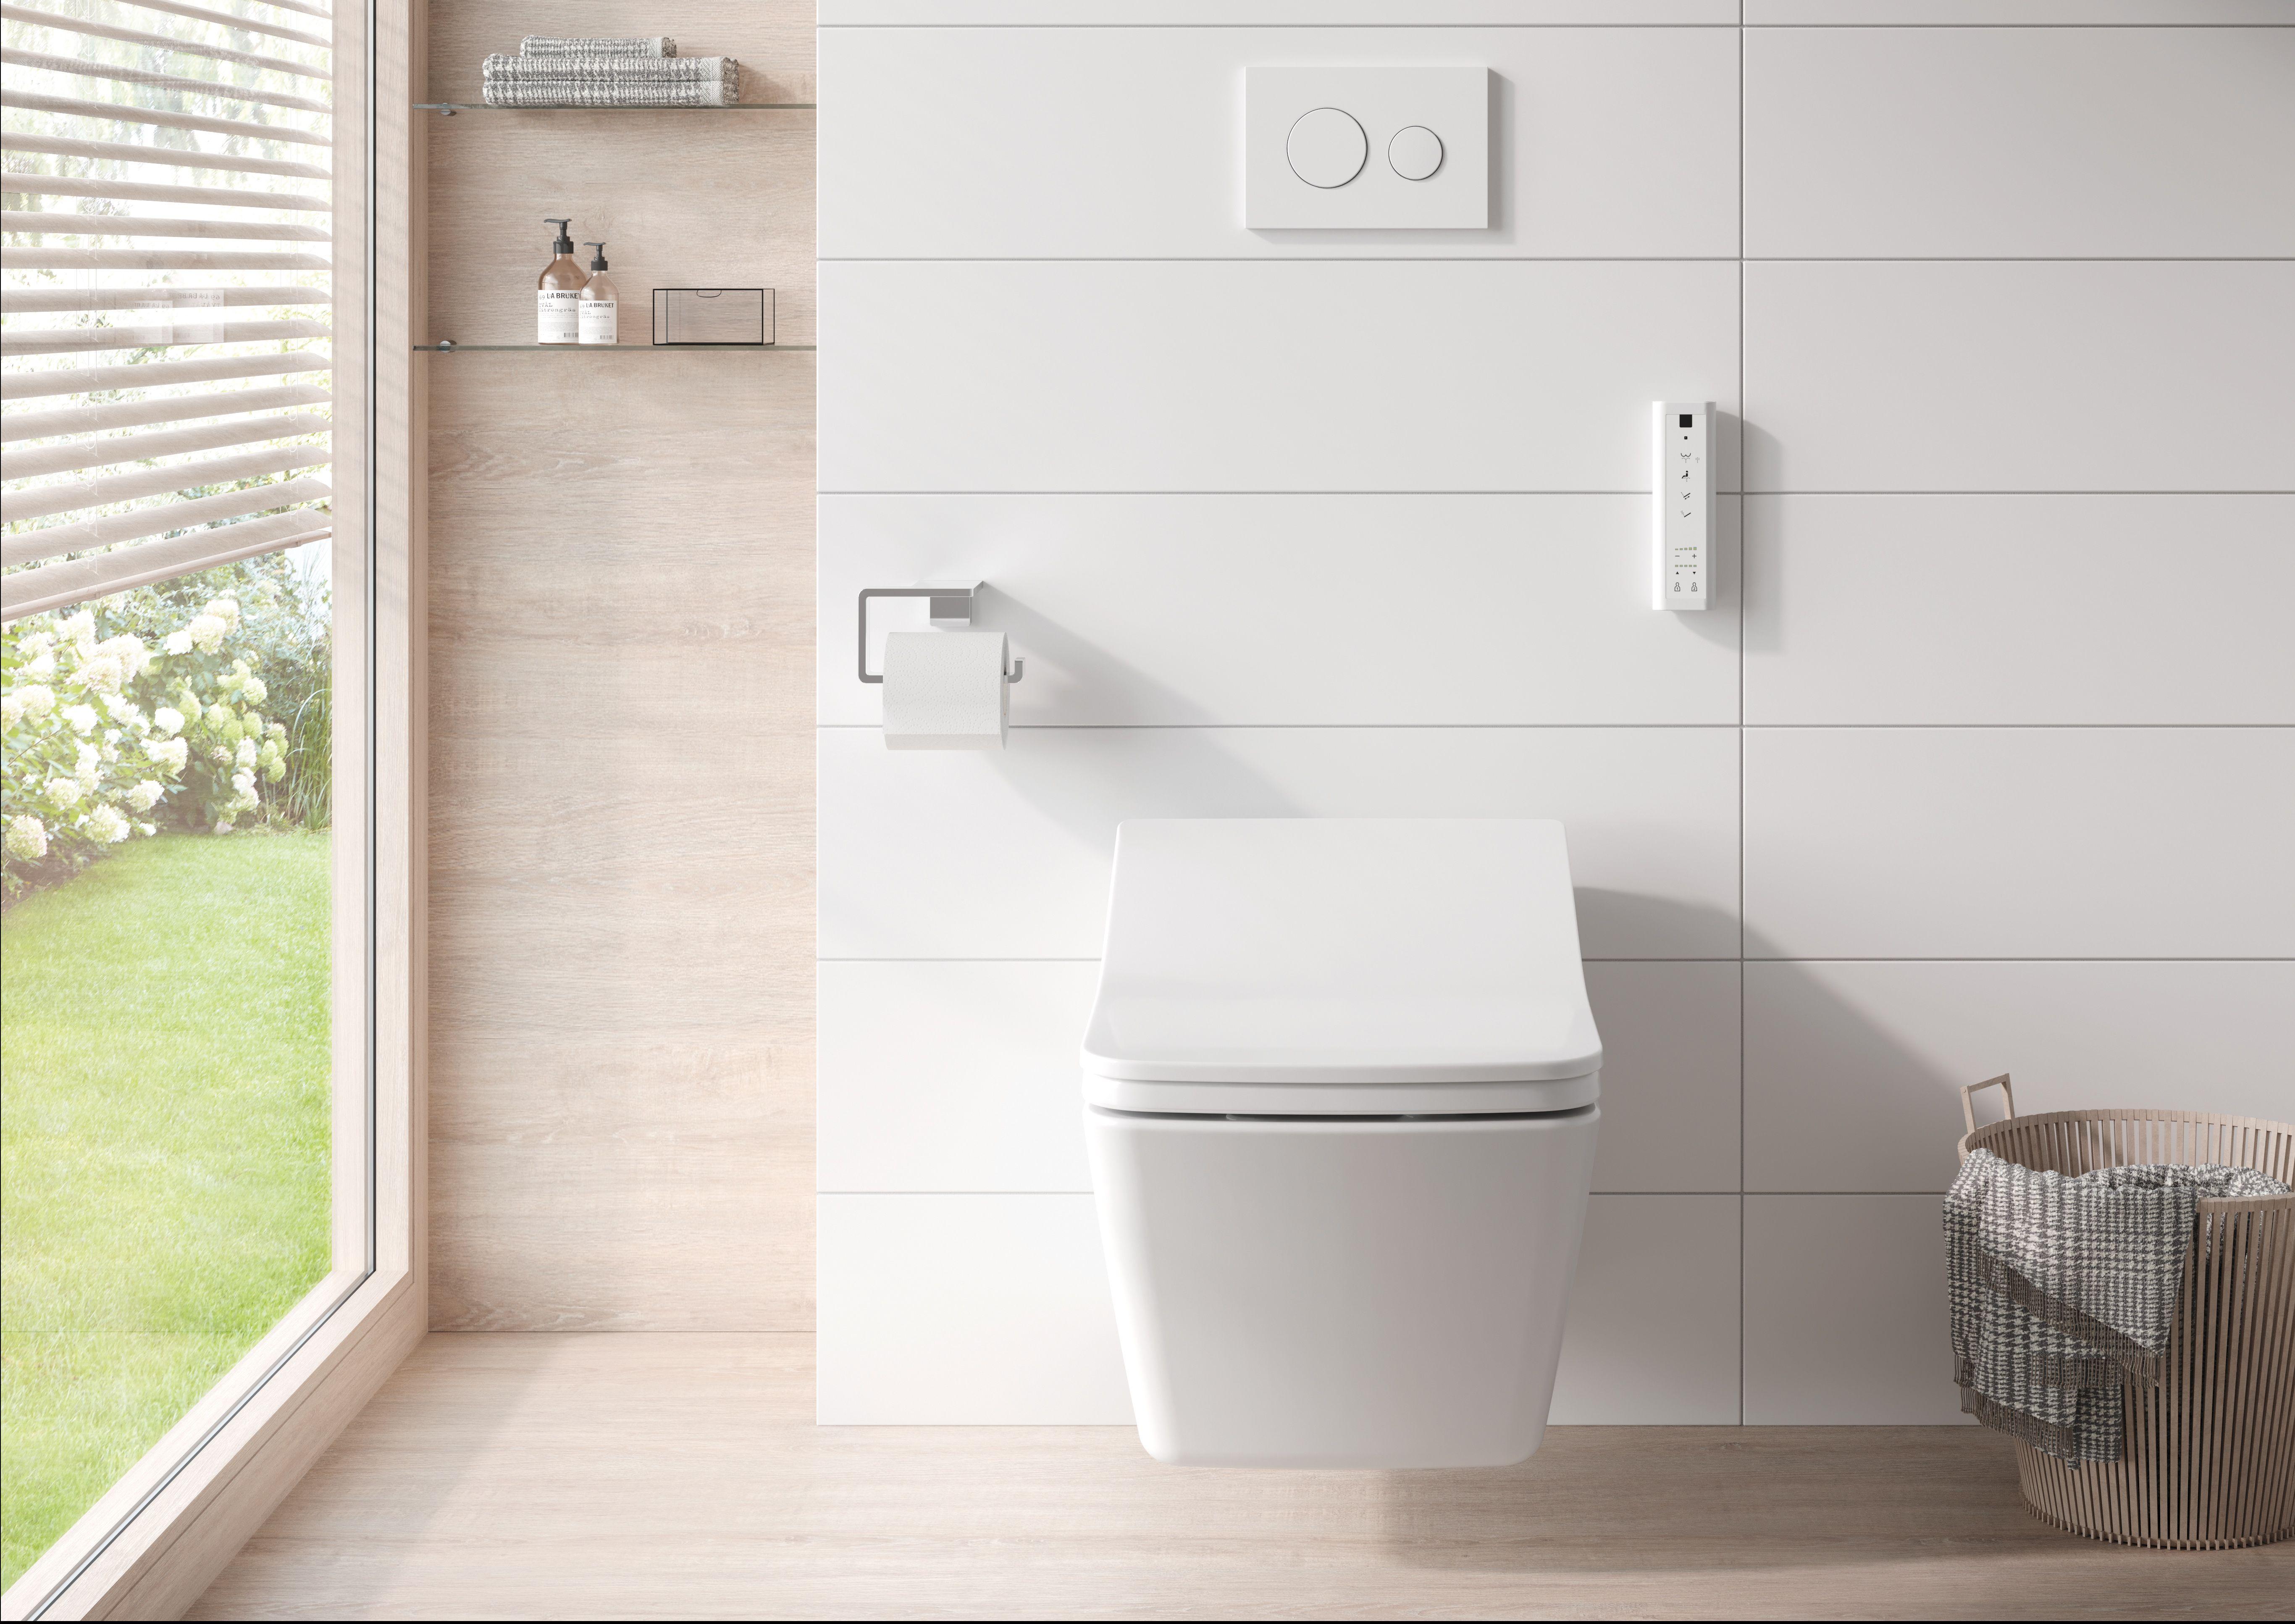 Toto Washlet Sx Bad Design Tipps Wc Mit Dusche Badplanung Und Bad